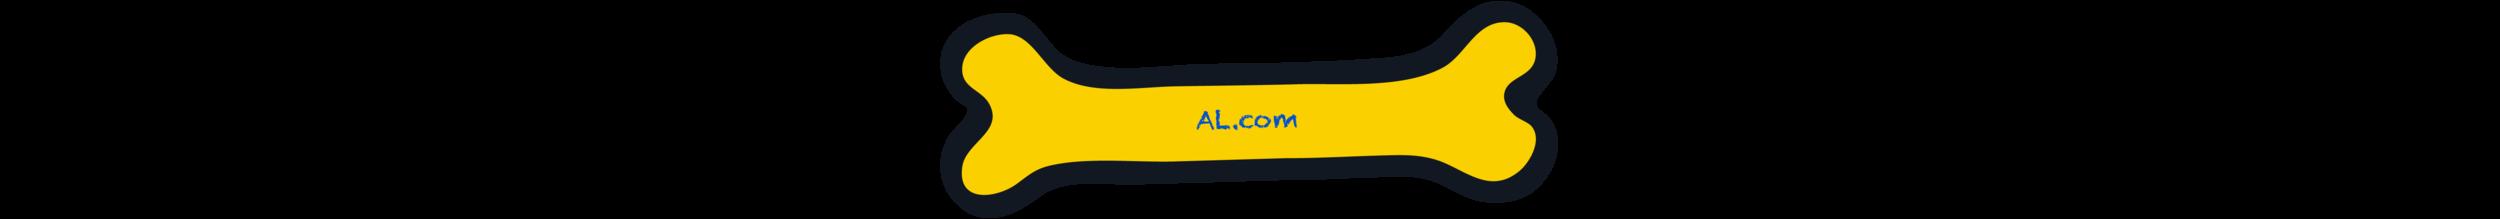 Press_ALCom copy.png